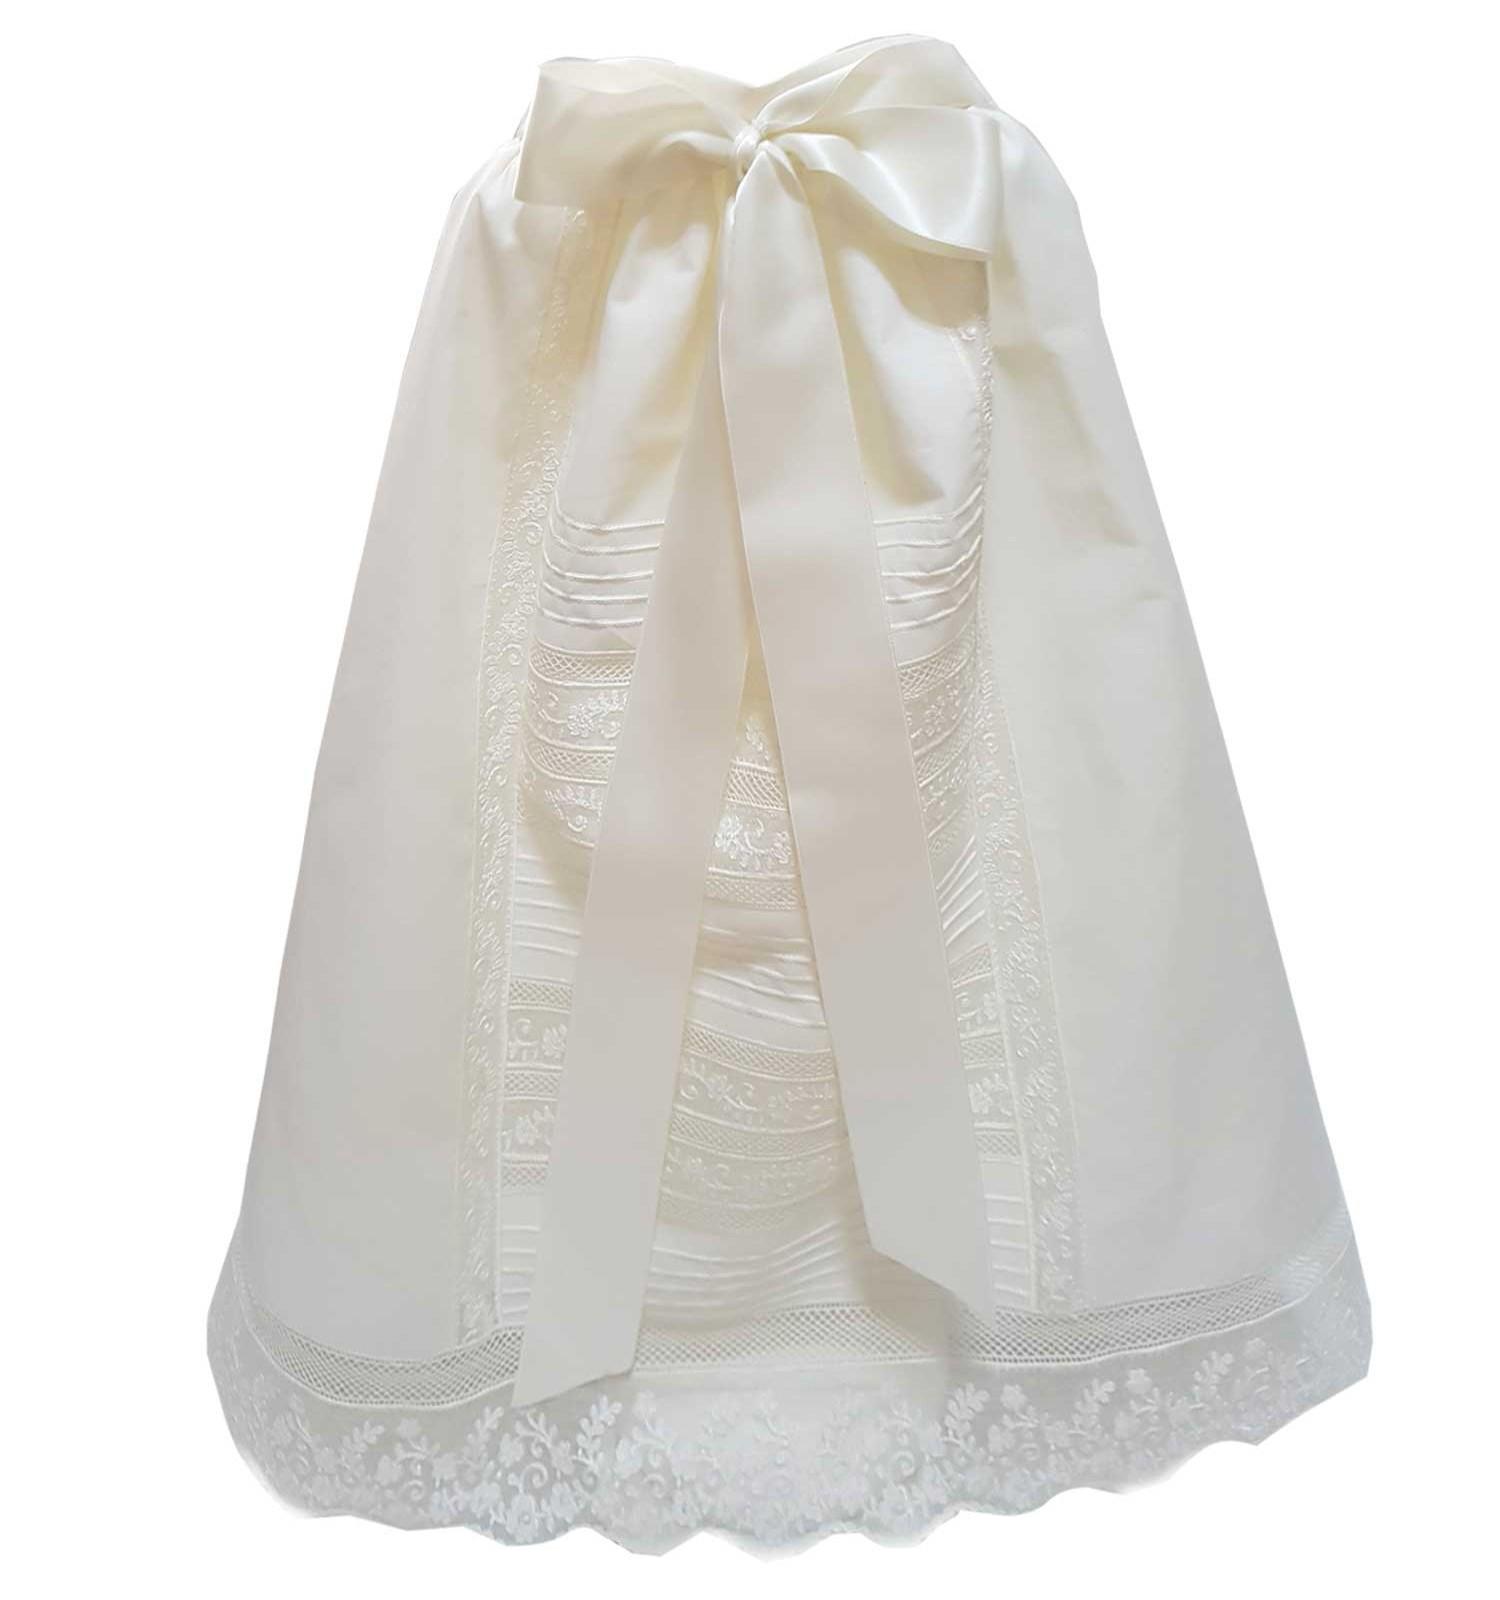 Faldón de cintura para ceremonia y bautizo con pala de jaretas y entredoses